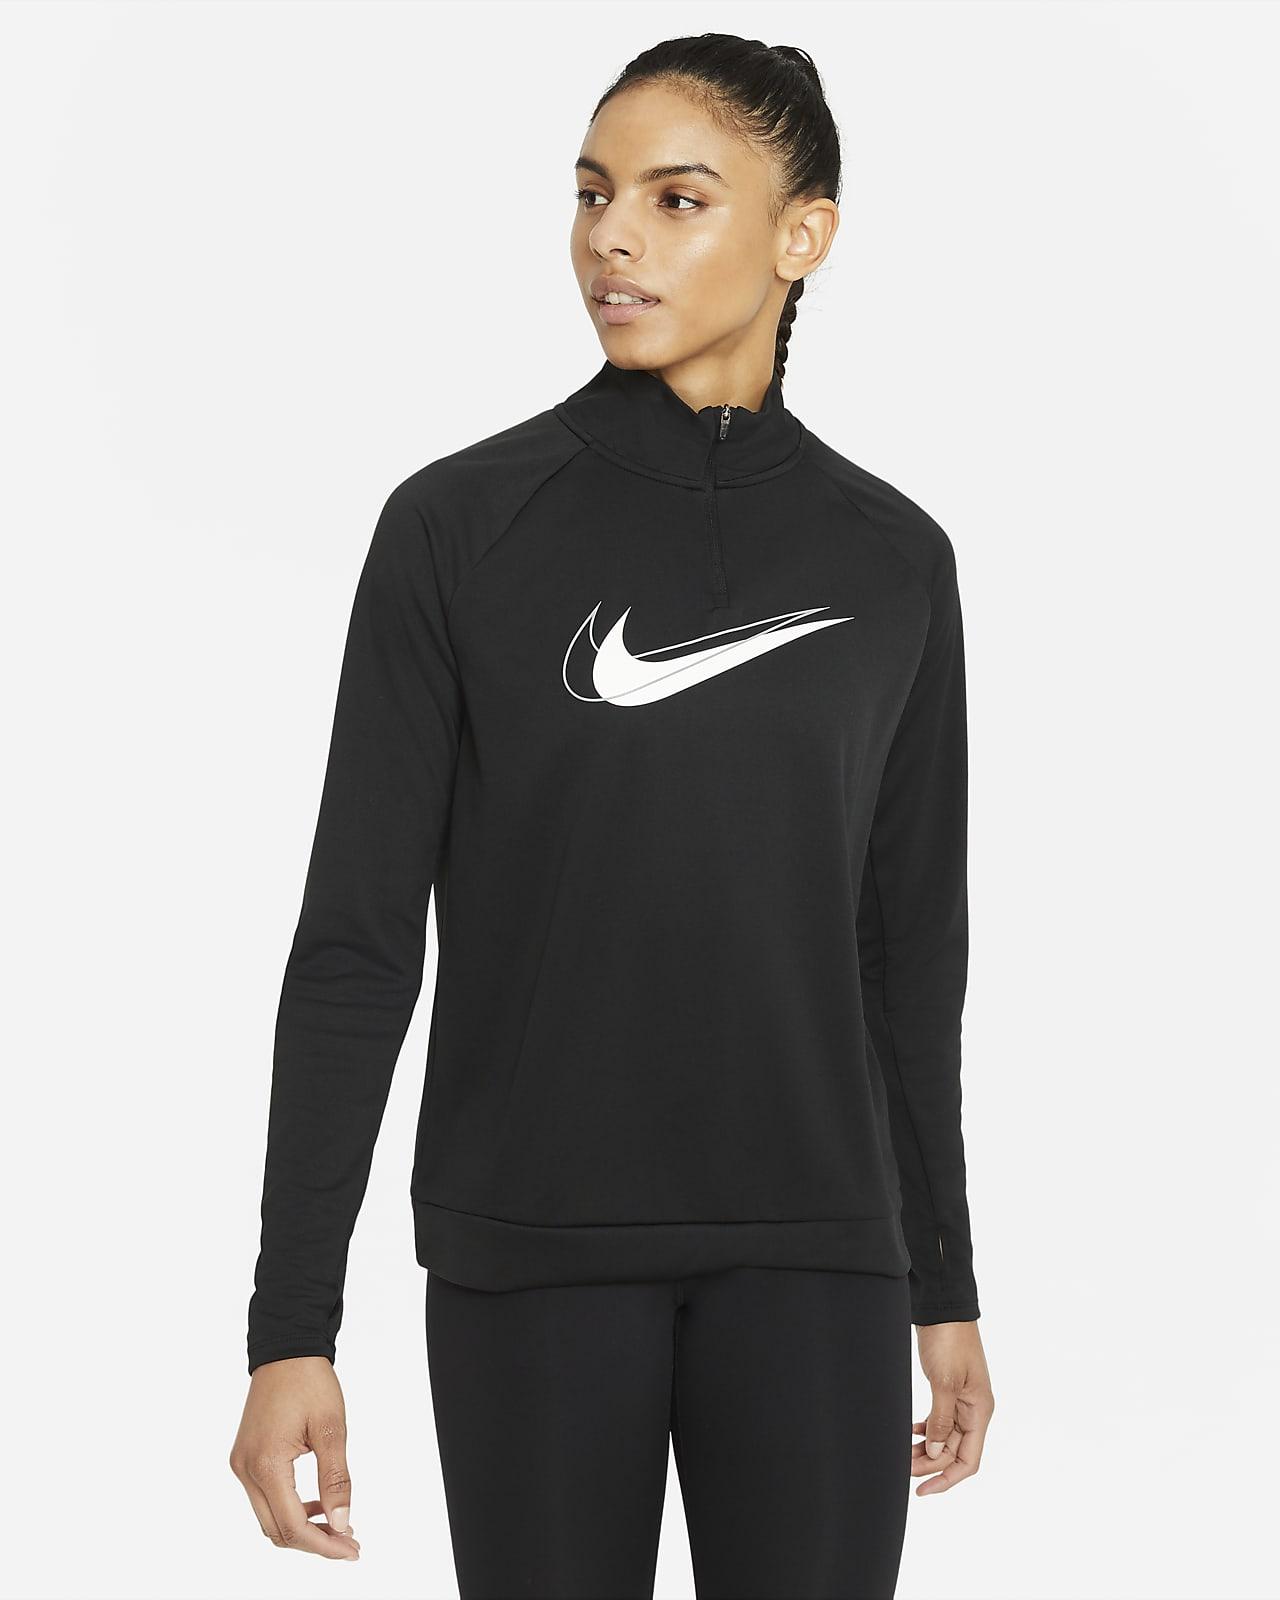 Nike Dri-FIT Swoosh Run rövid cipzáras női aláöltözet futáshoz